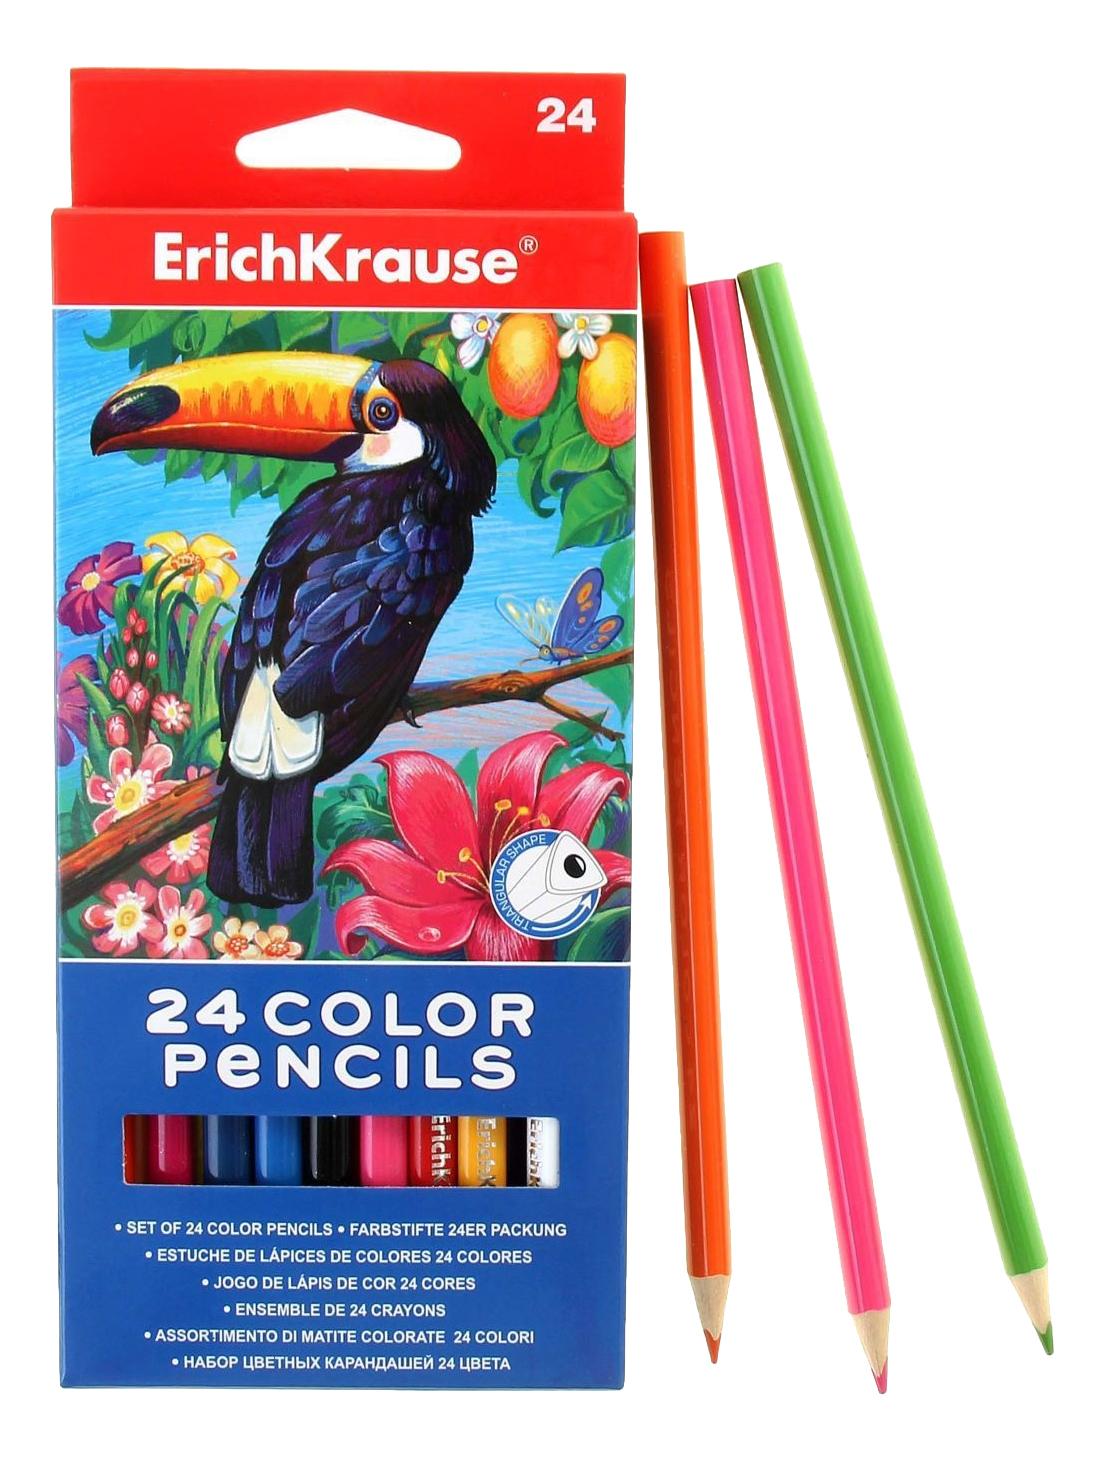 Купить Карандаши цветные Erich Krause 24 сolor pencils, ErichKrause